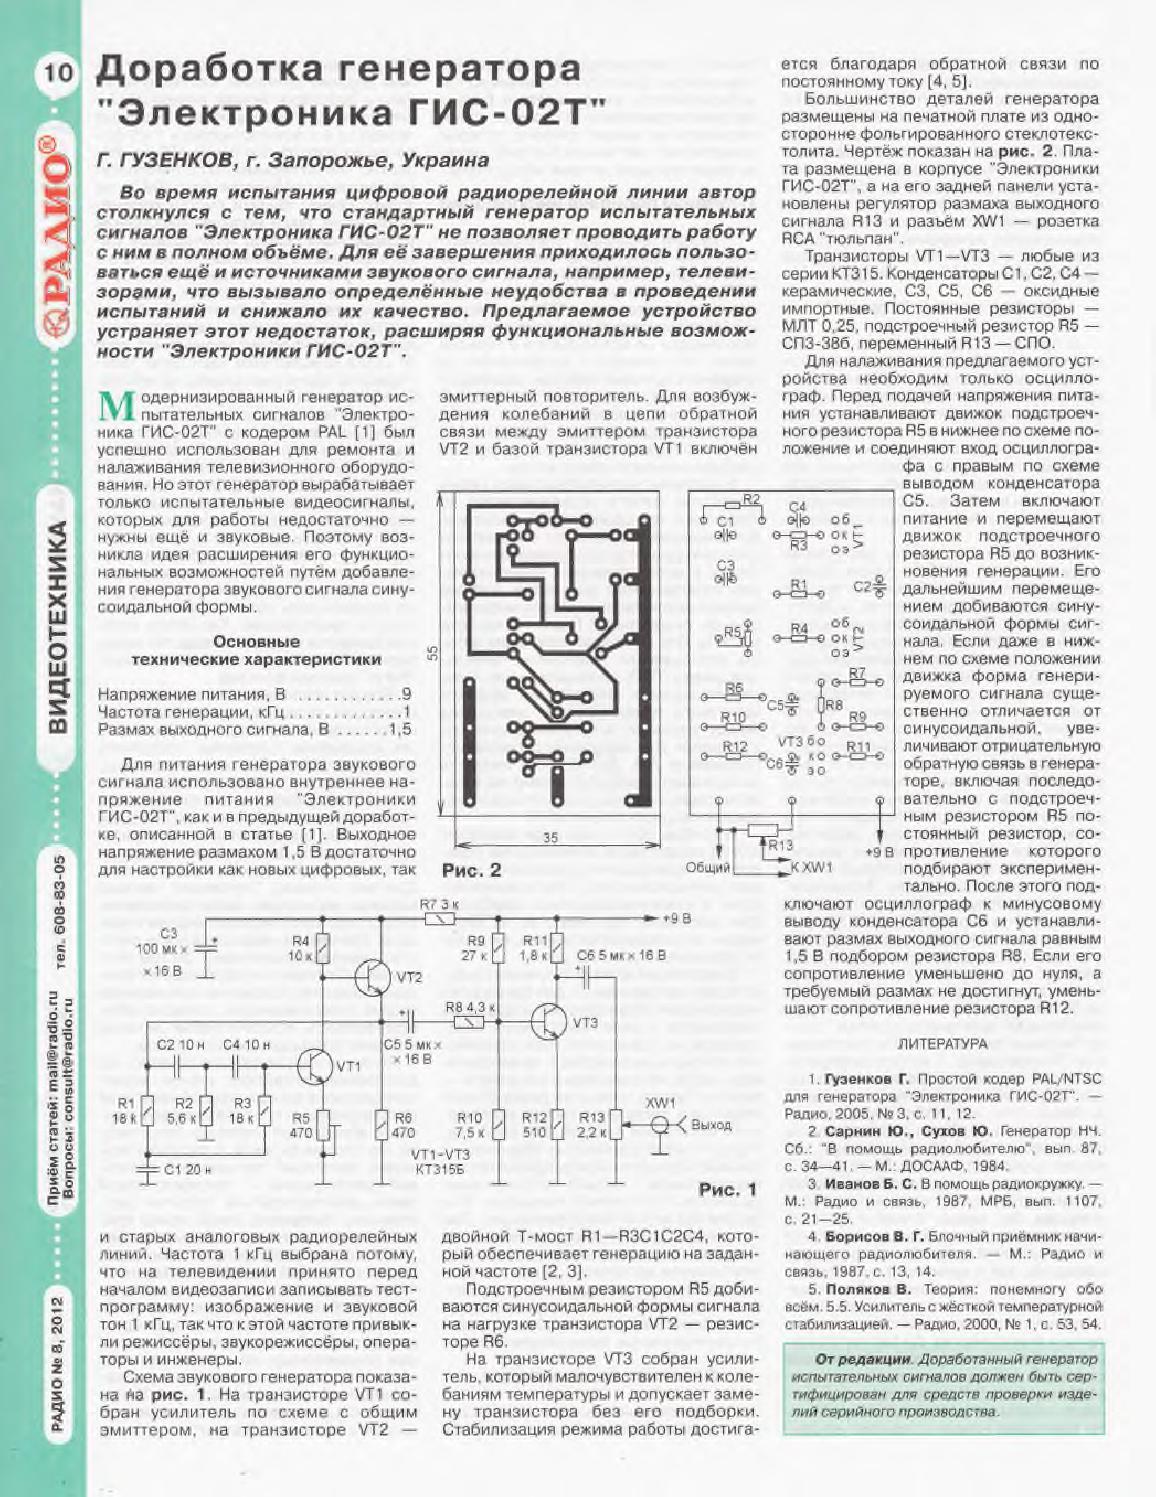 Схема генератора синусоидального сигнала